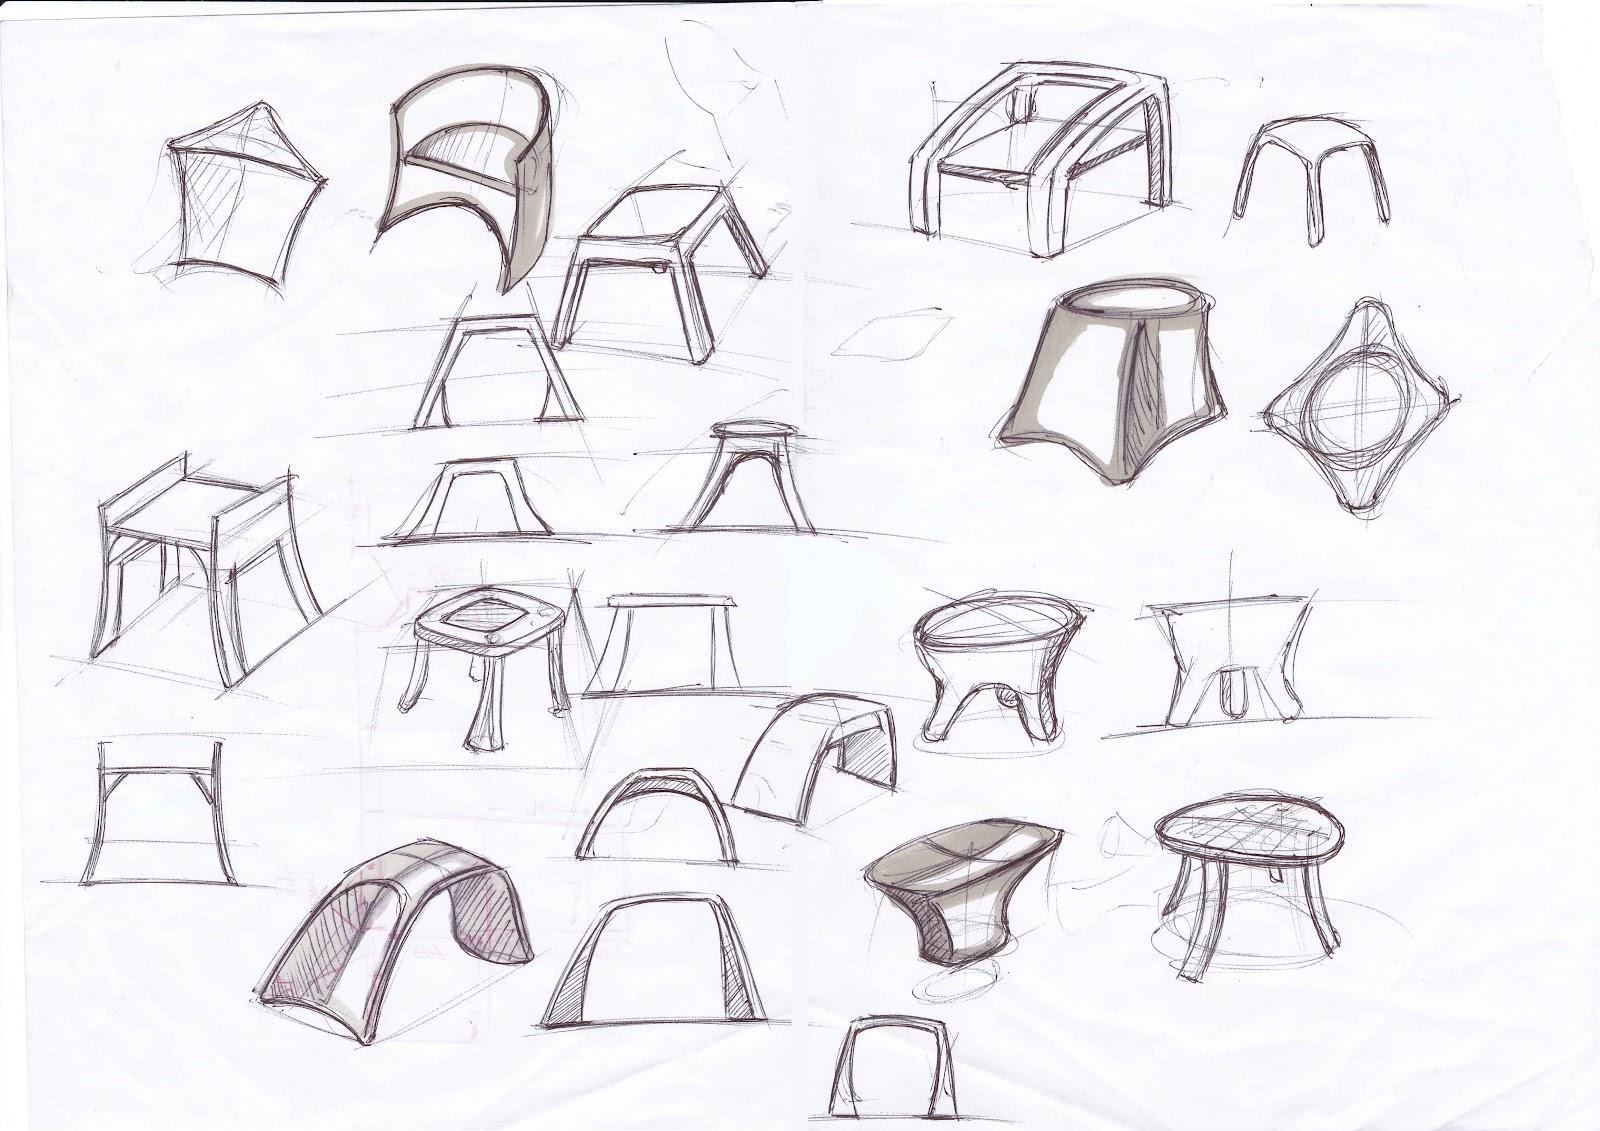 conceptual table sketch